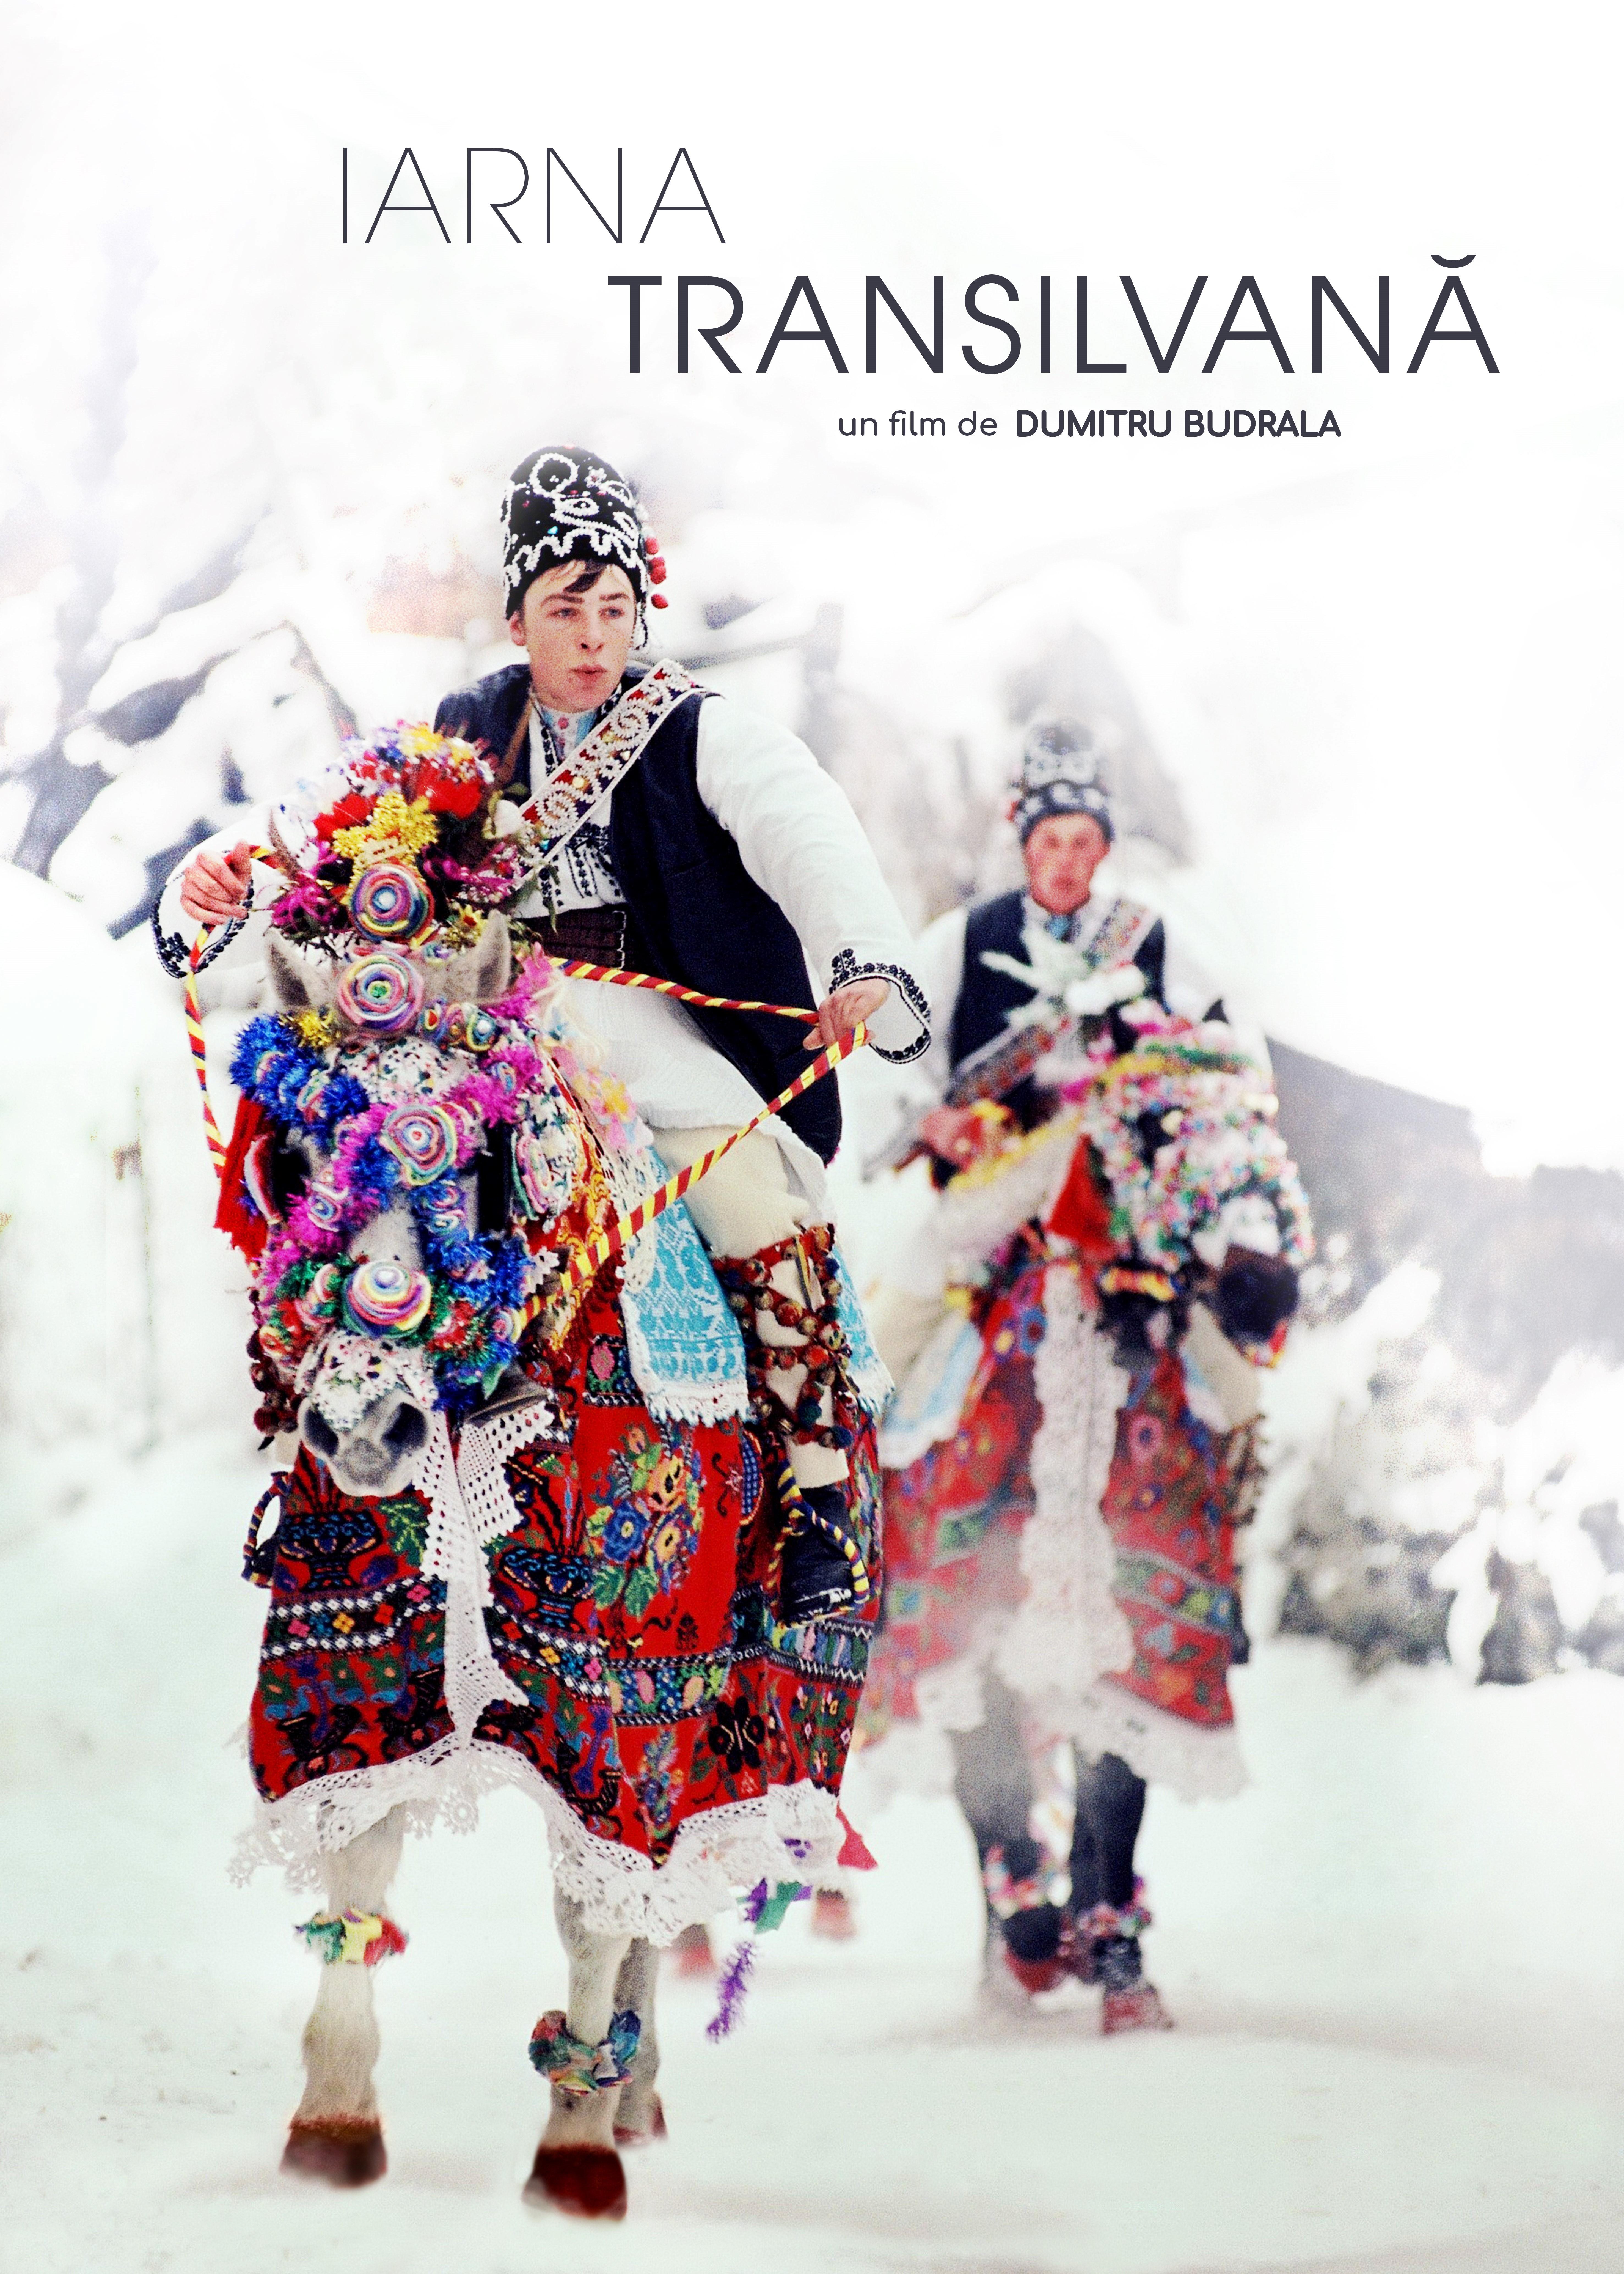 """""""Iarna transilvană"""", de Dumitru Budrala,  filmul care ne amintește cum era Crăciunul înainte de pandemie"""